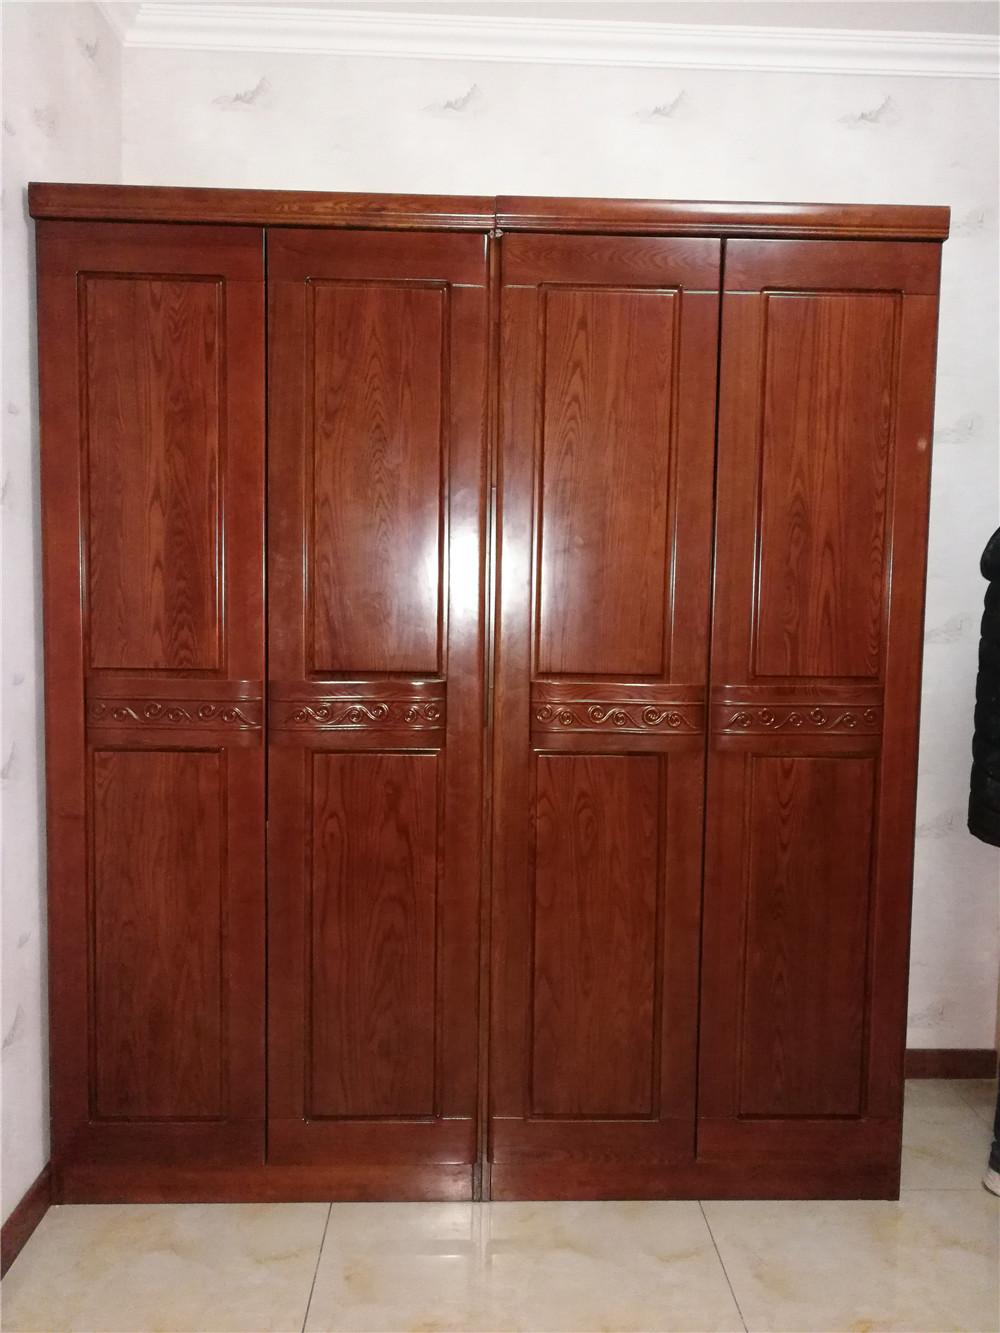 1.8米水曲柳衣柜 实木衣柜